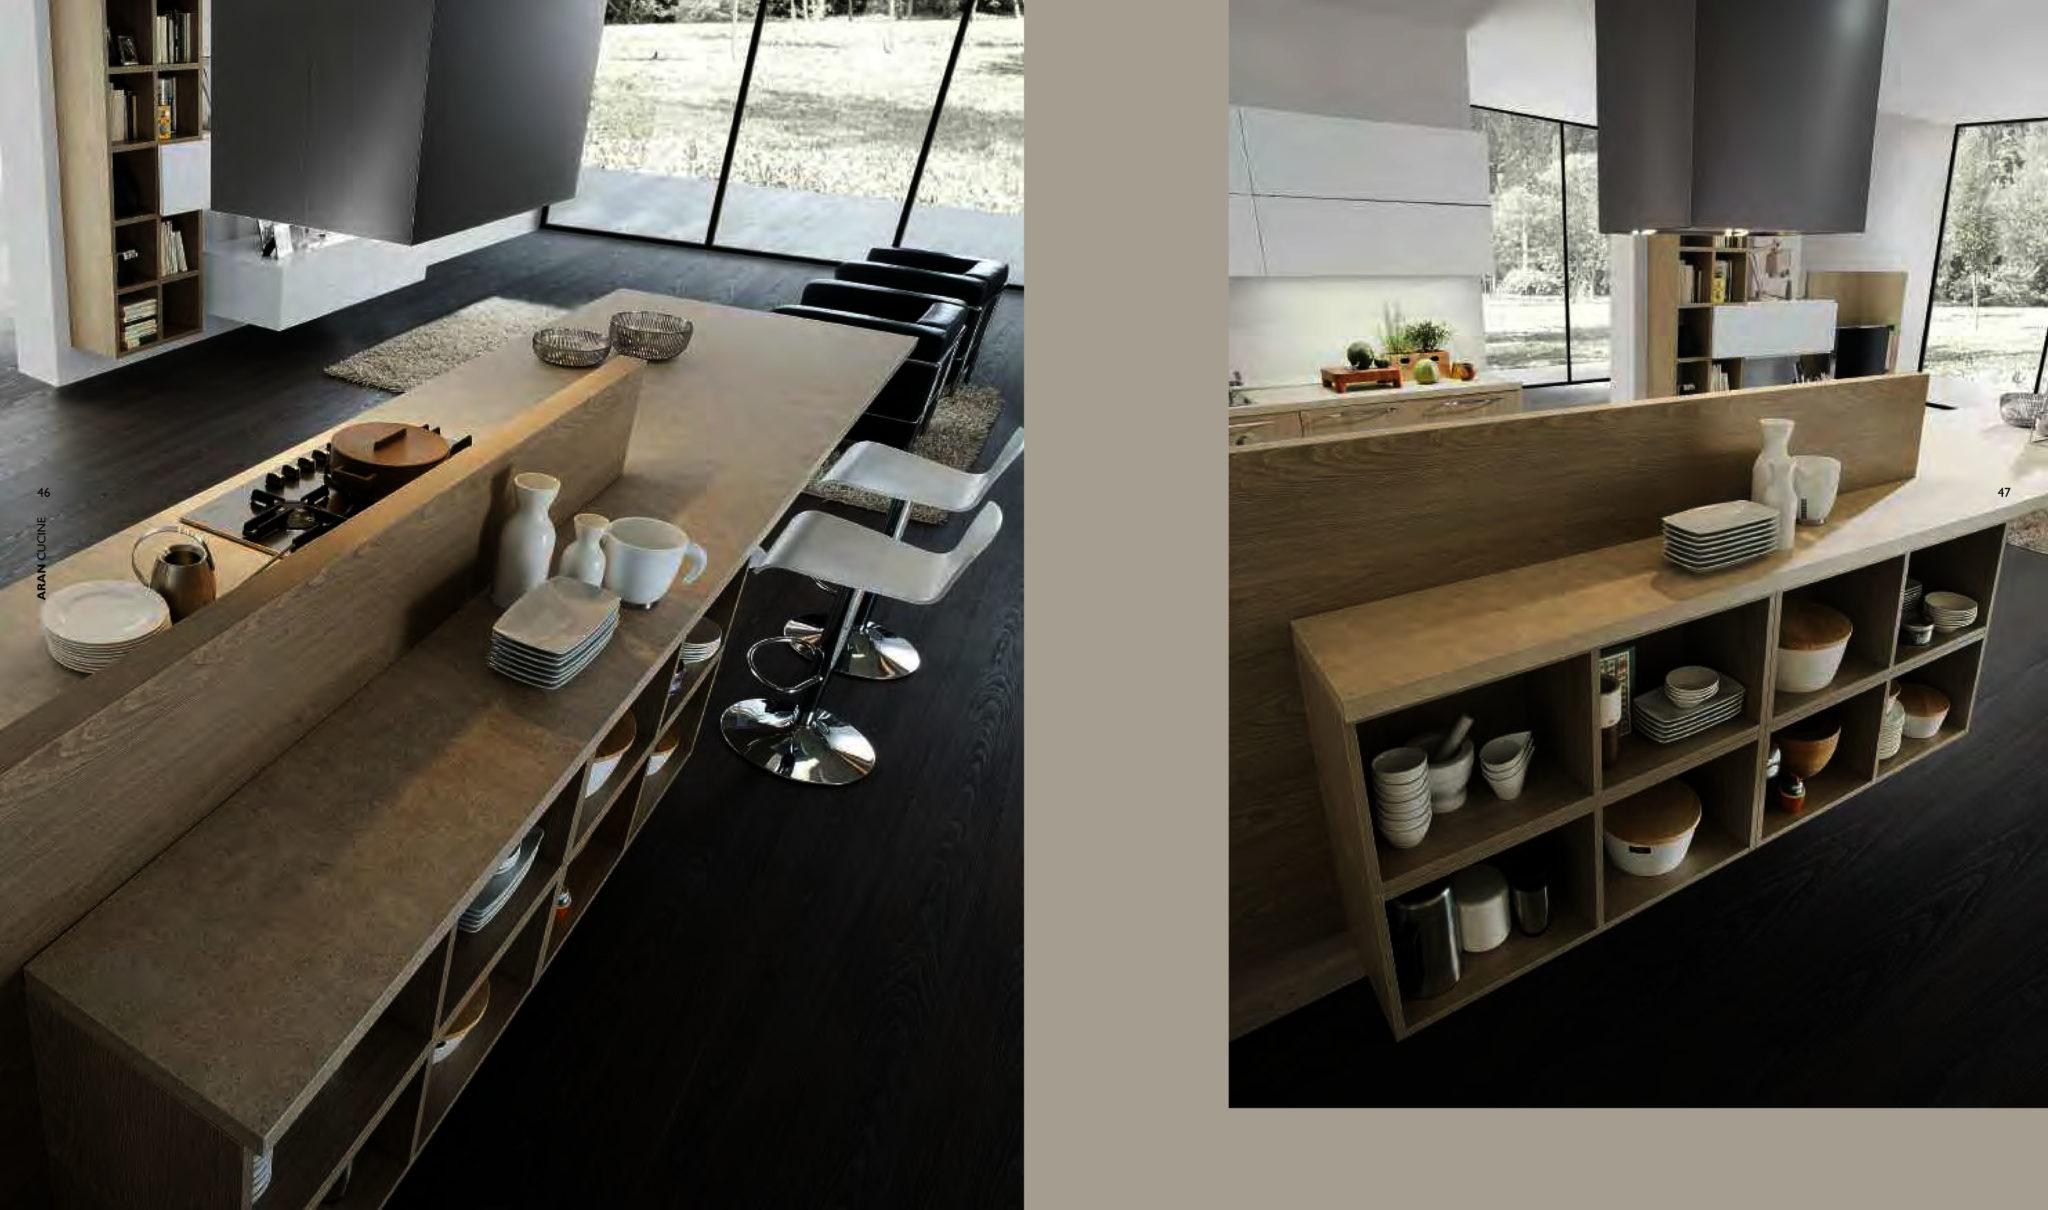 La cucina ad isola lineatre arredamenti alberobello for Cucine con piano cottura centrale